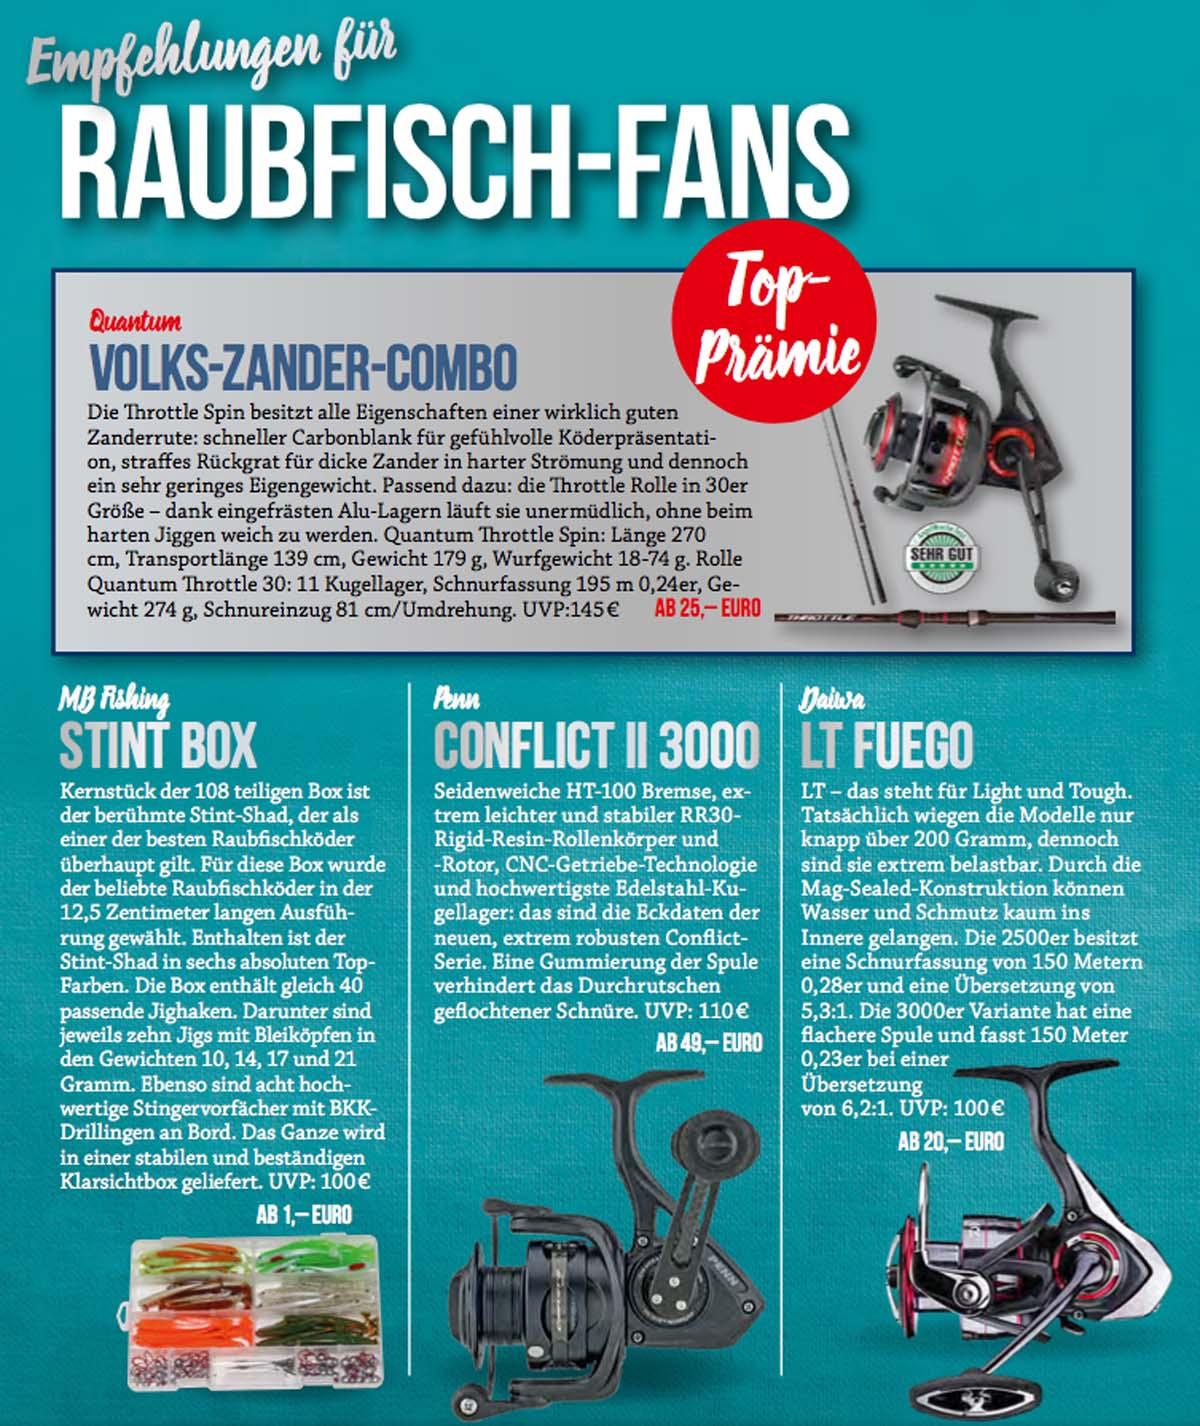 Der neue Abo Prämienkatalog 2018 wartet mit zahlreichen tollen Produkten für Raubfisch-Fans auf.